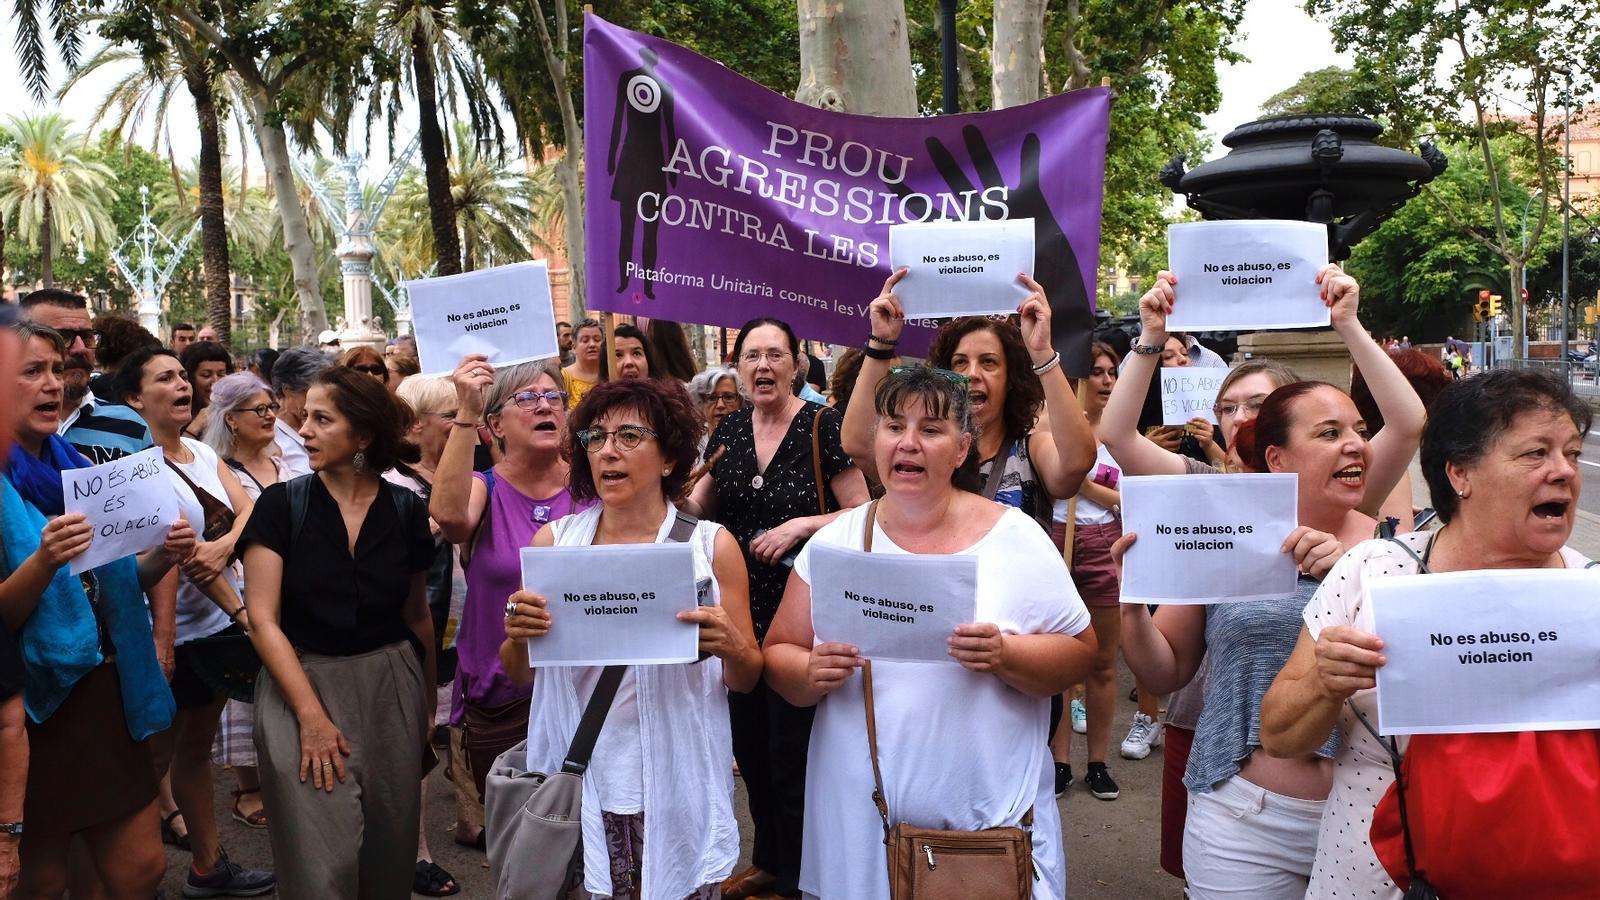 Un grup de persones s'ha manifestat davant l'Audiència de Barcelona per protestar contra les agressions sexuals